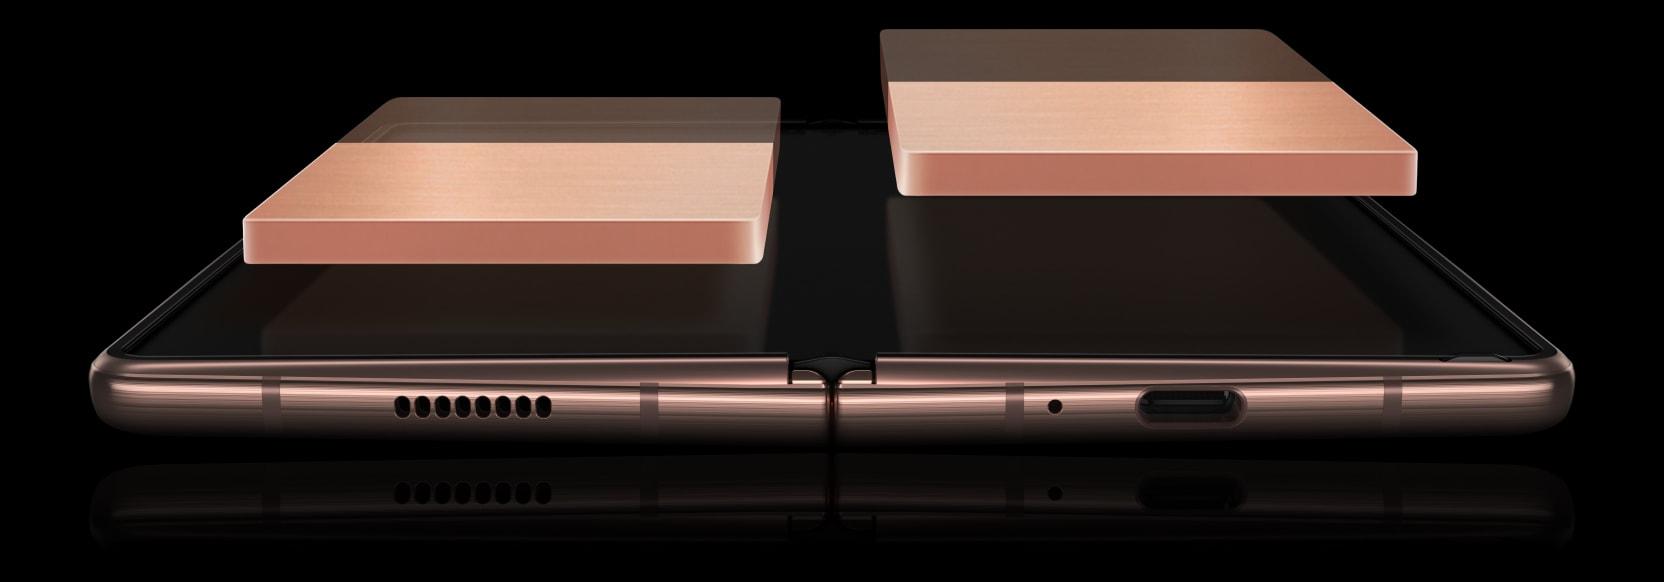 باتری گوشی سامسونگ Galaxy Z Fold2 5G